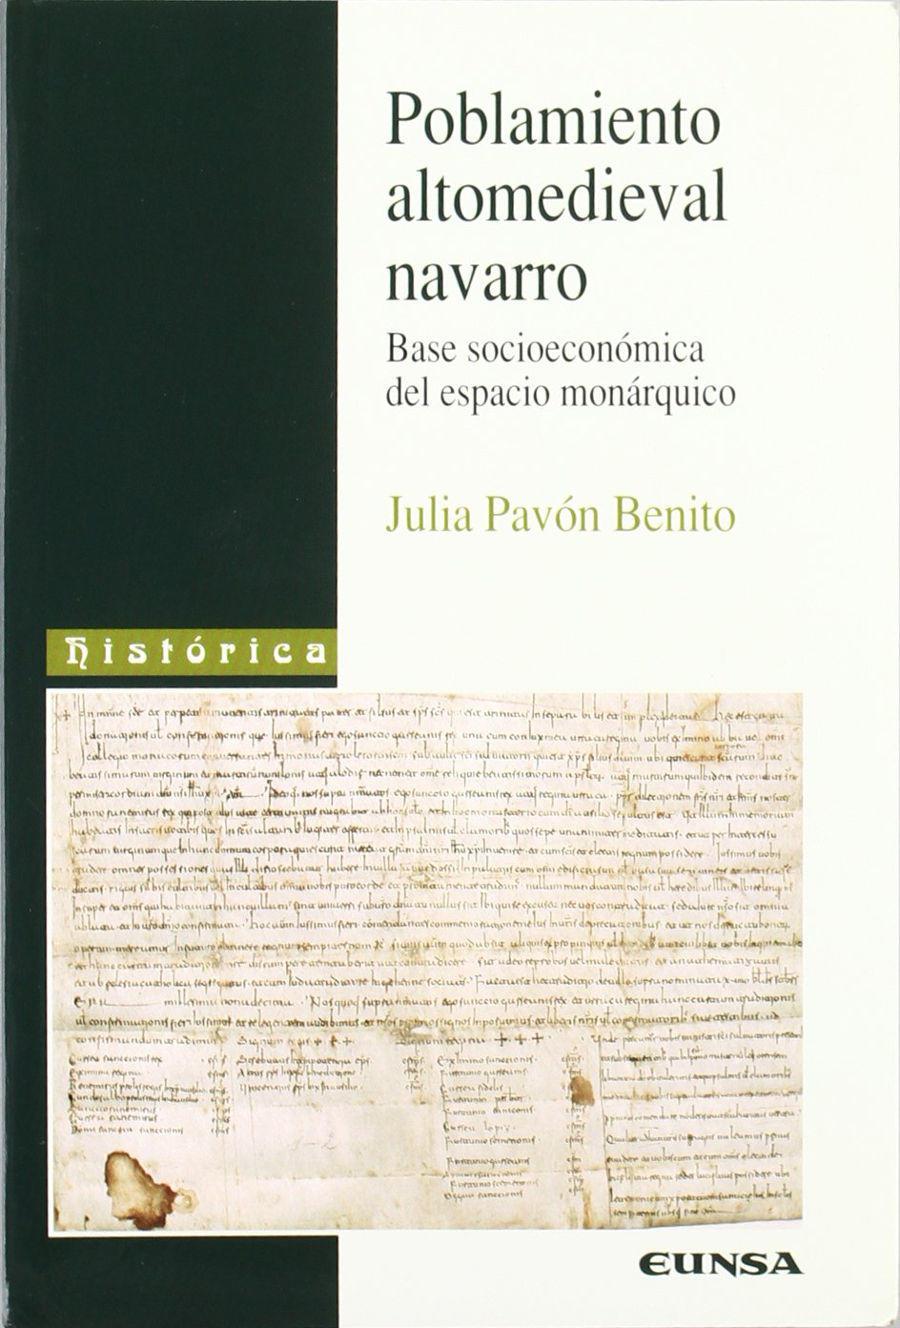 Poblamiento altomedieval navarro Book Cover